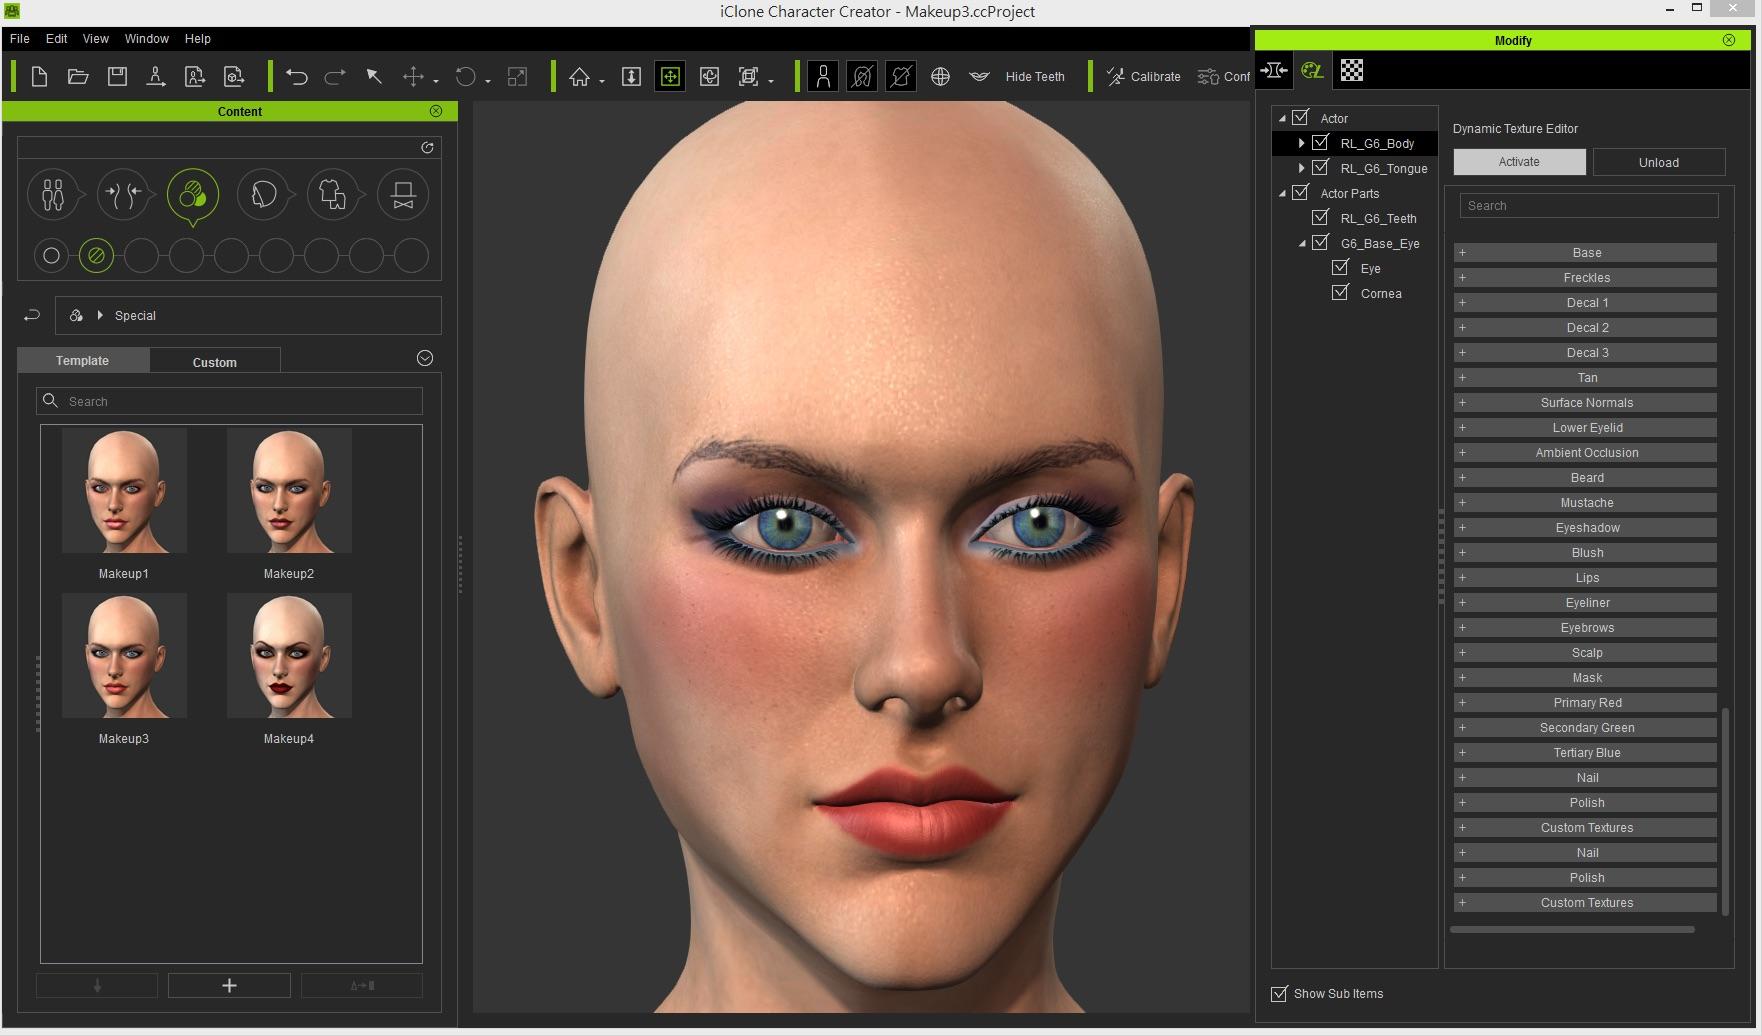 Free 3d Design Software Online Character Creator Benutzeroberflache